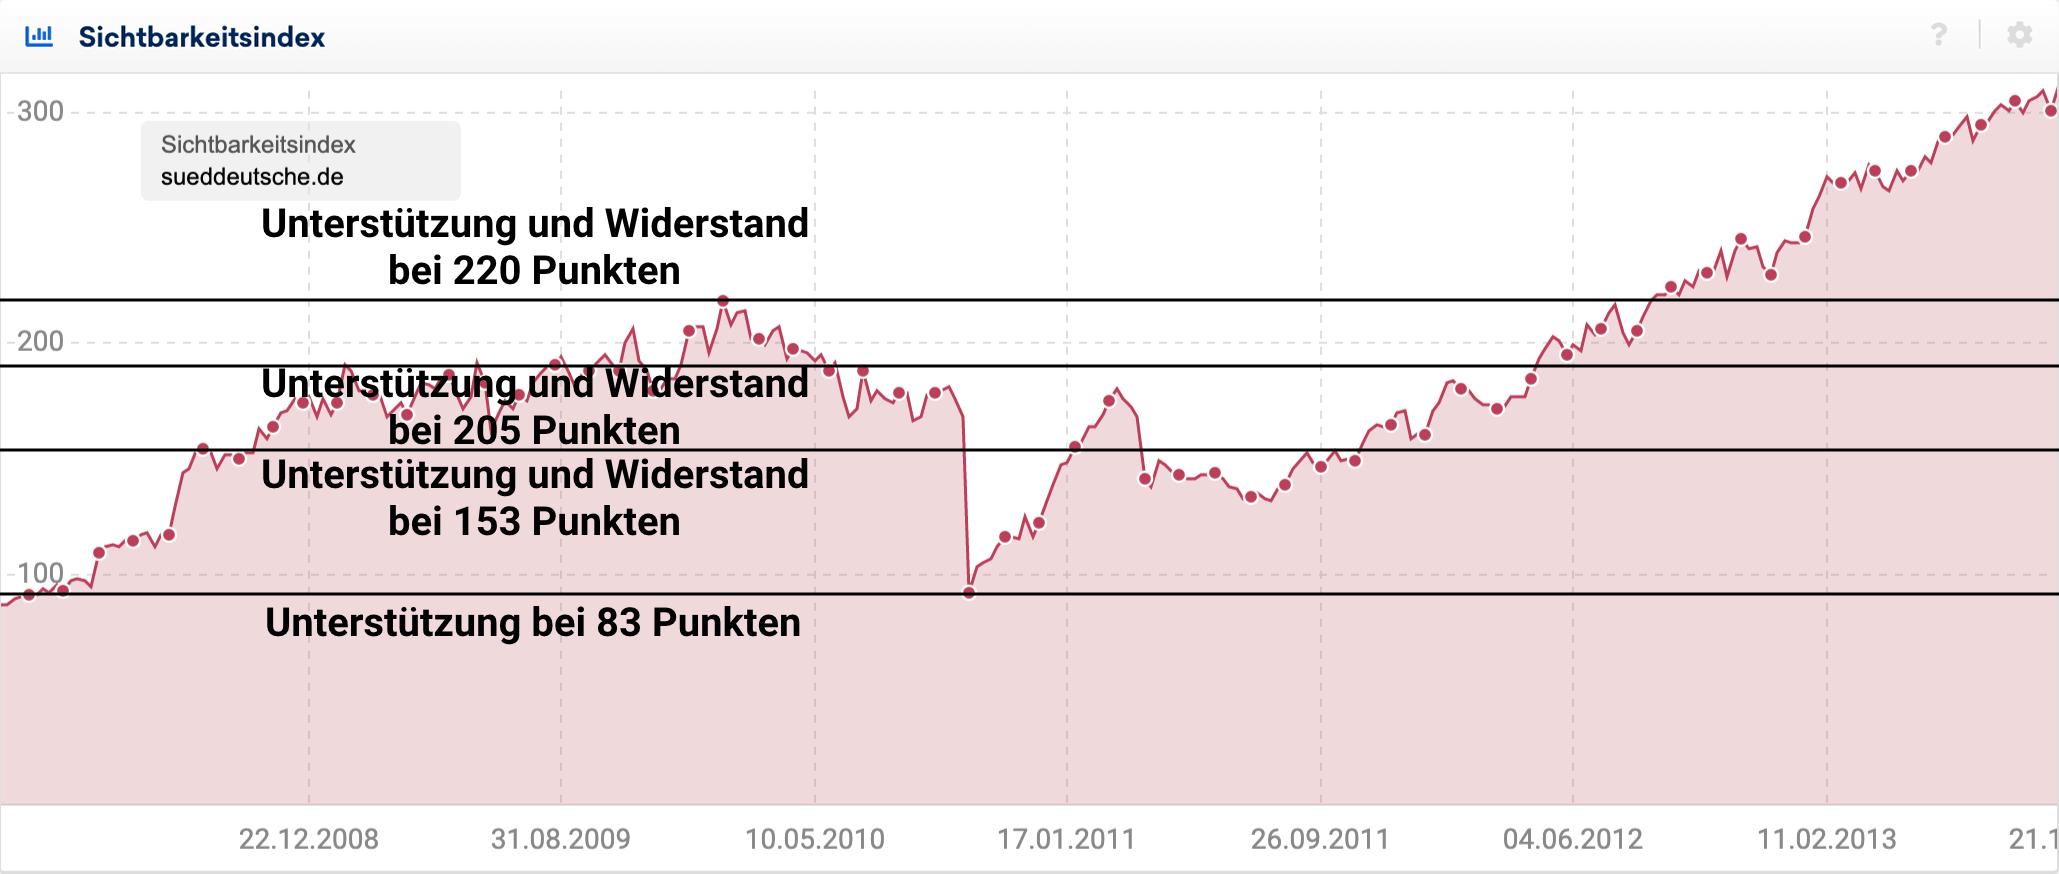 Widerstandslienien im Sichtbarkeitsindex-Verlauf für die Domain sueddeutsche.de zwischen 2008 und 2013.